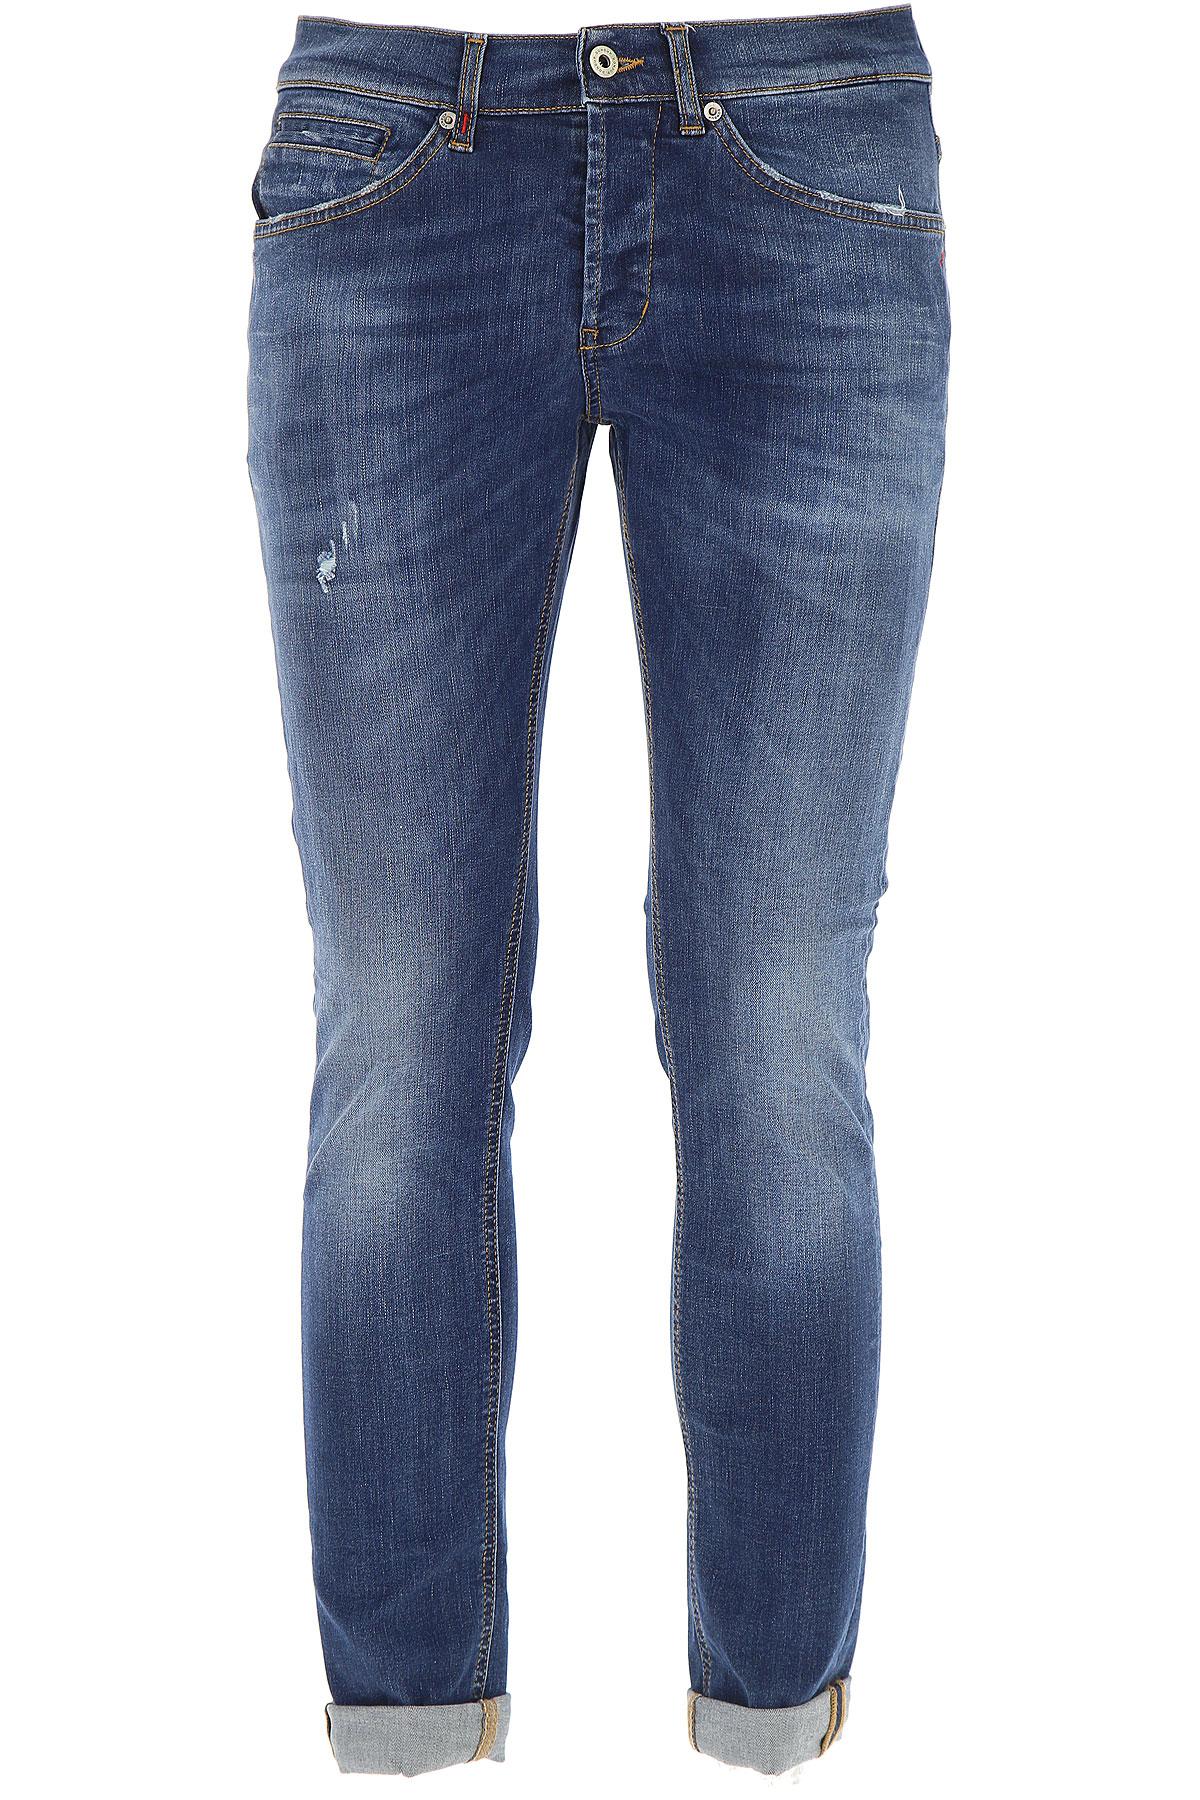 Dondup Jeans On Sale, Denim Blue, Cotton, 2017, 29 30 31 34 36